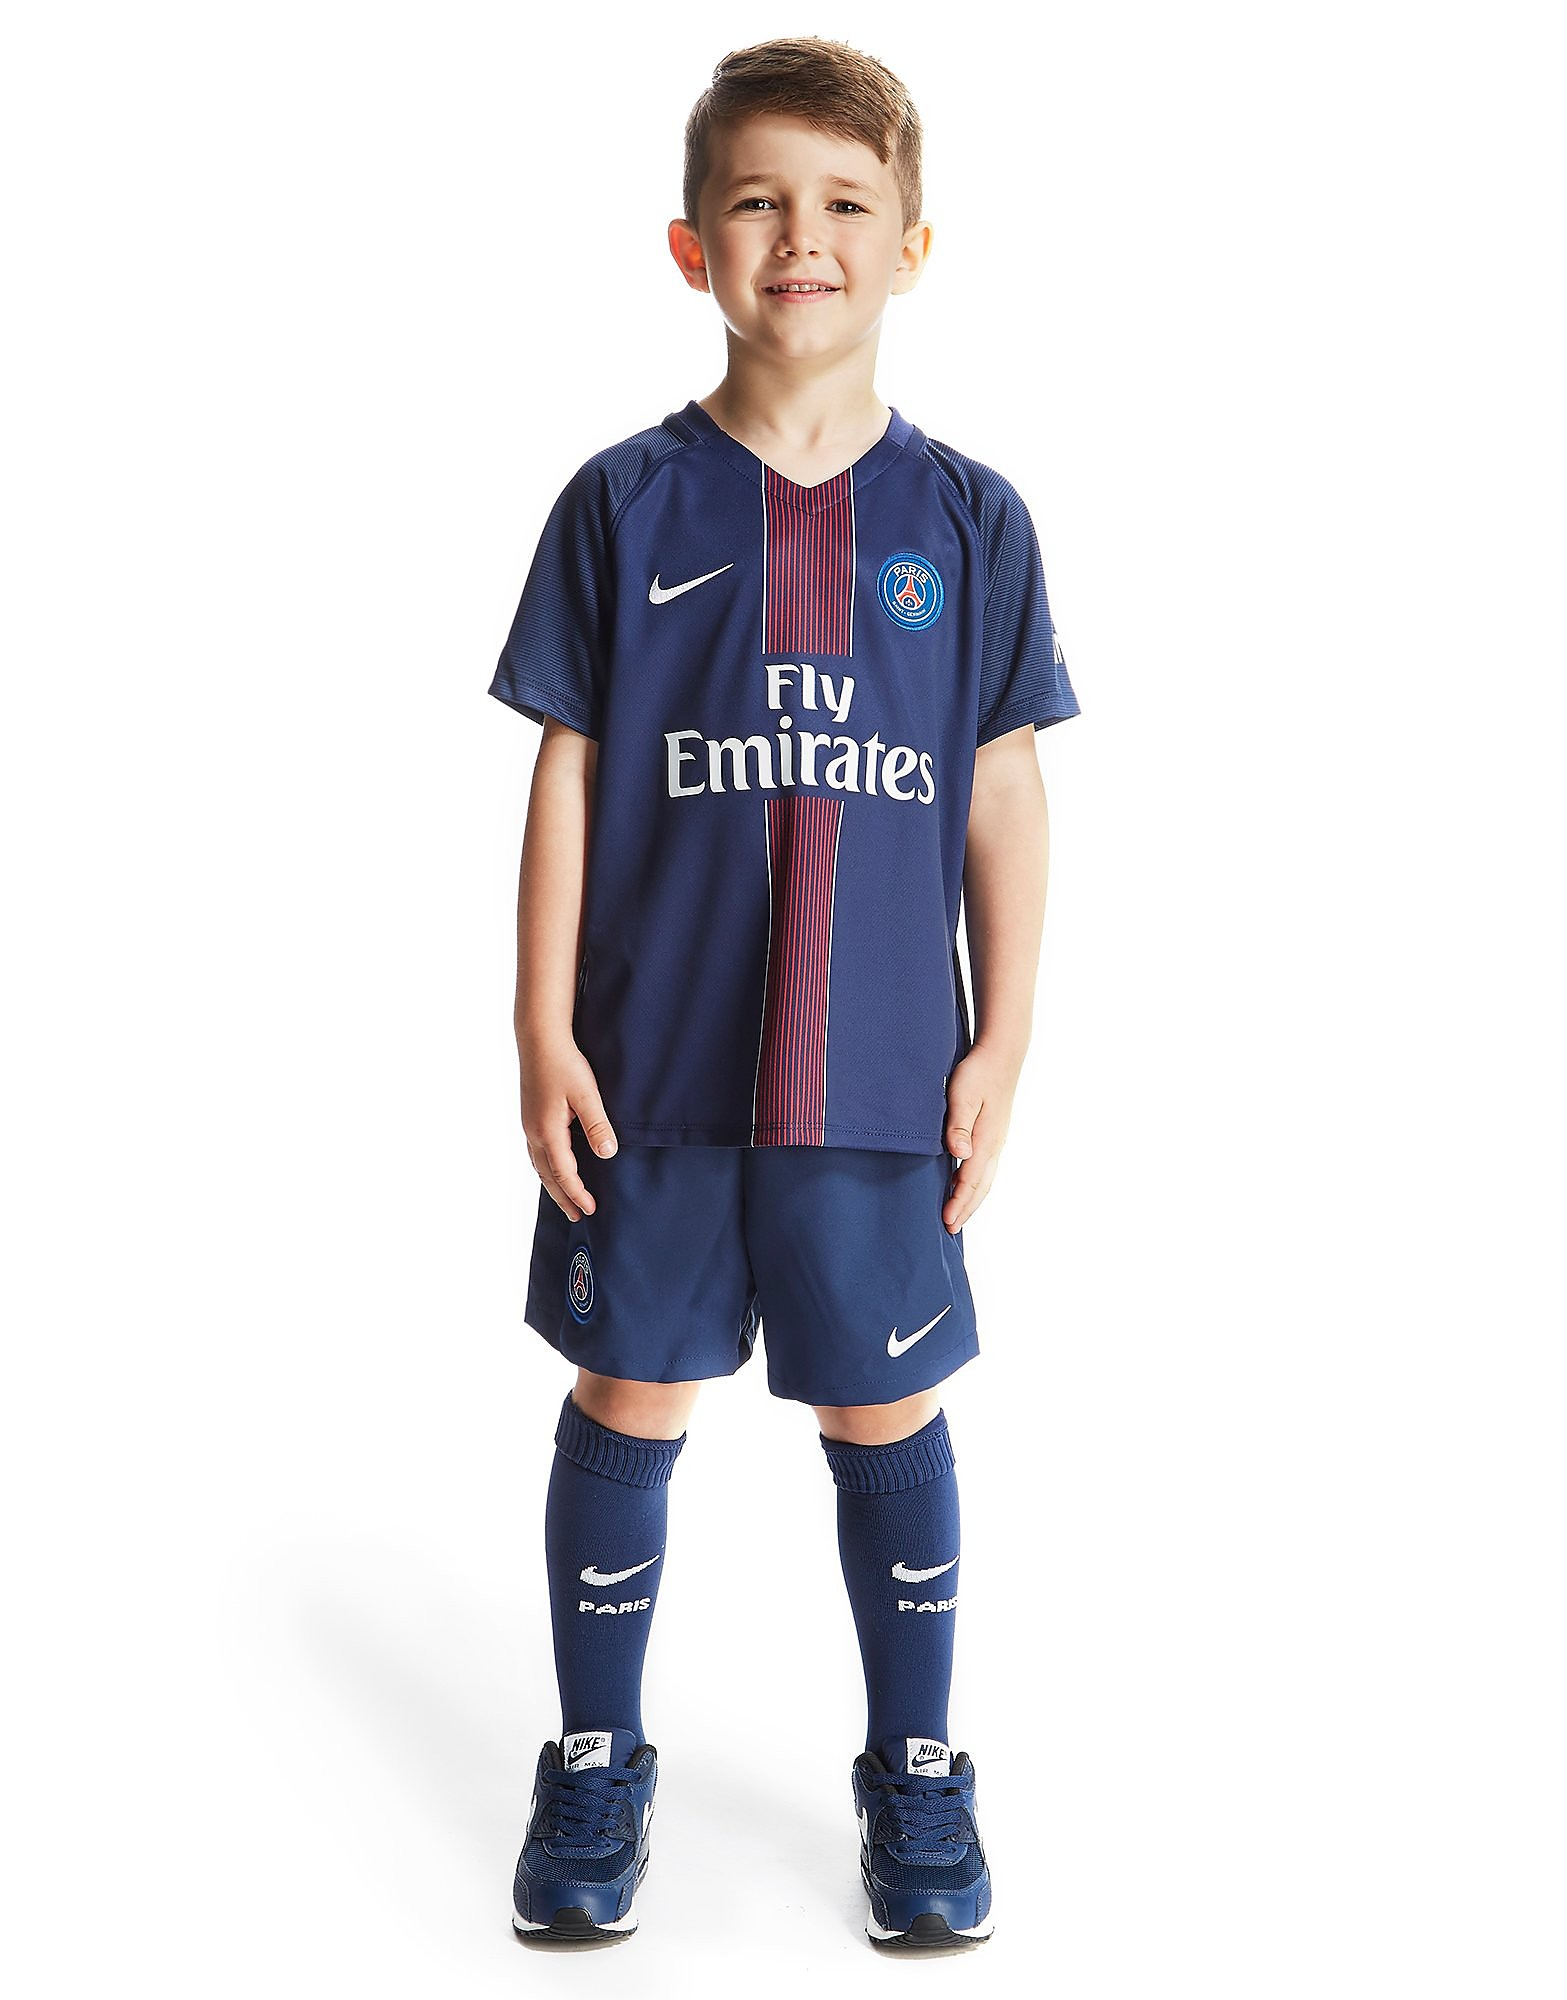 Nike Conjunto para niños de la primera equipación del París Saint Germain 2016/17